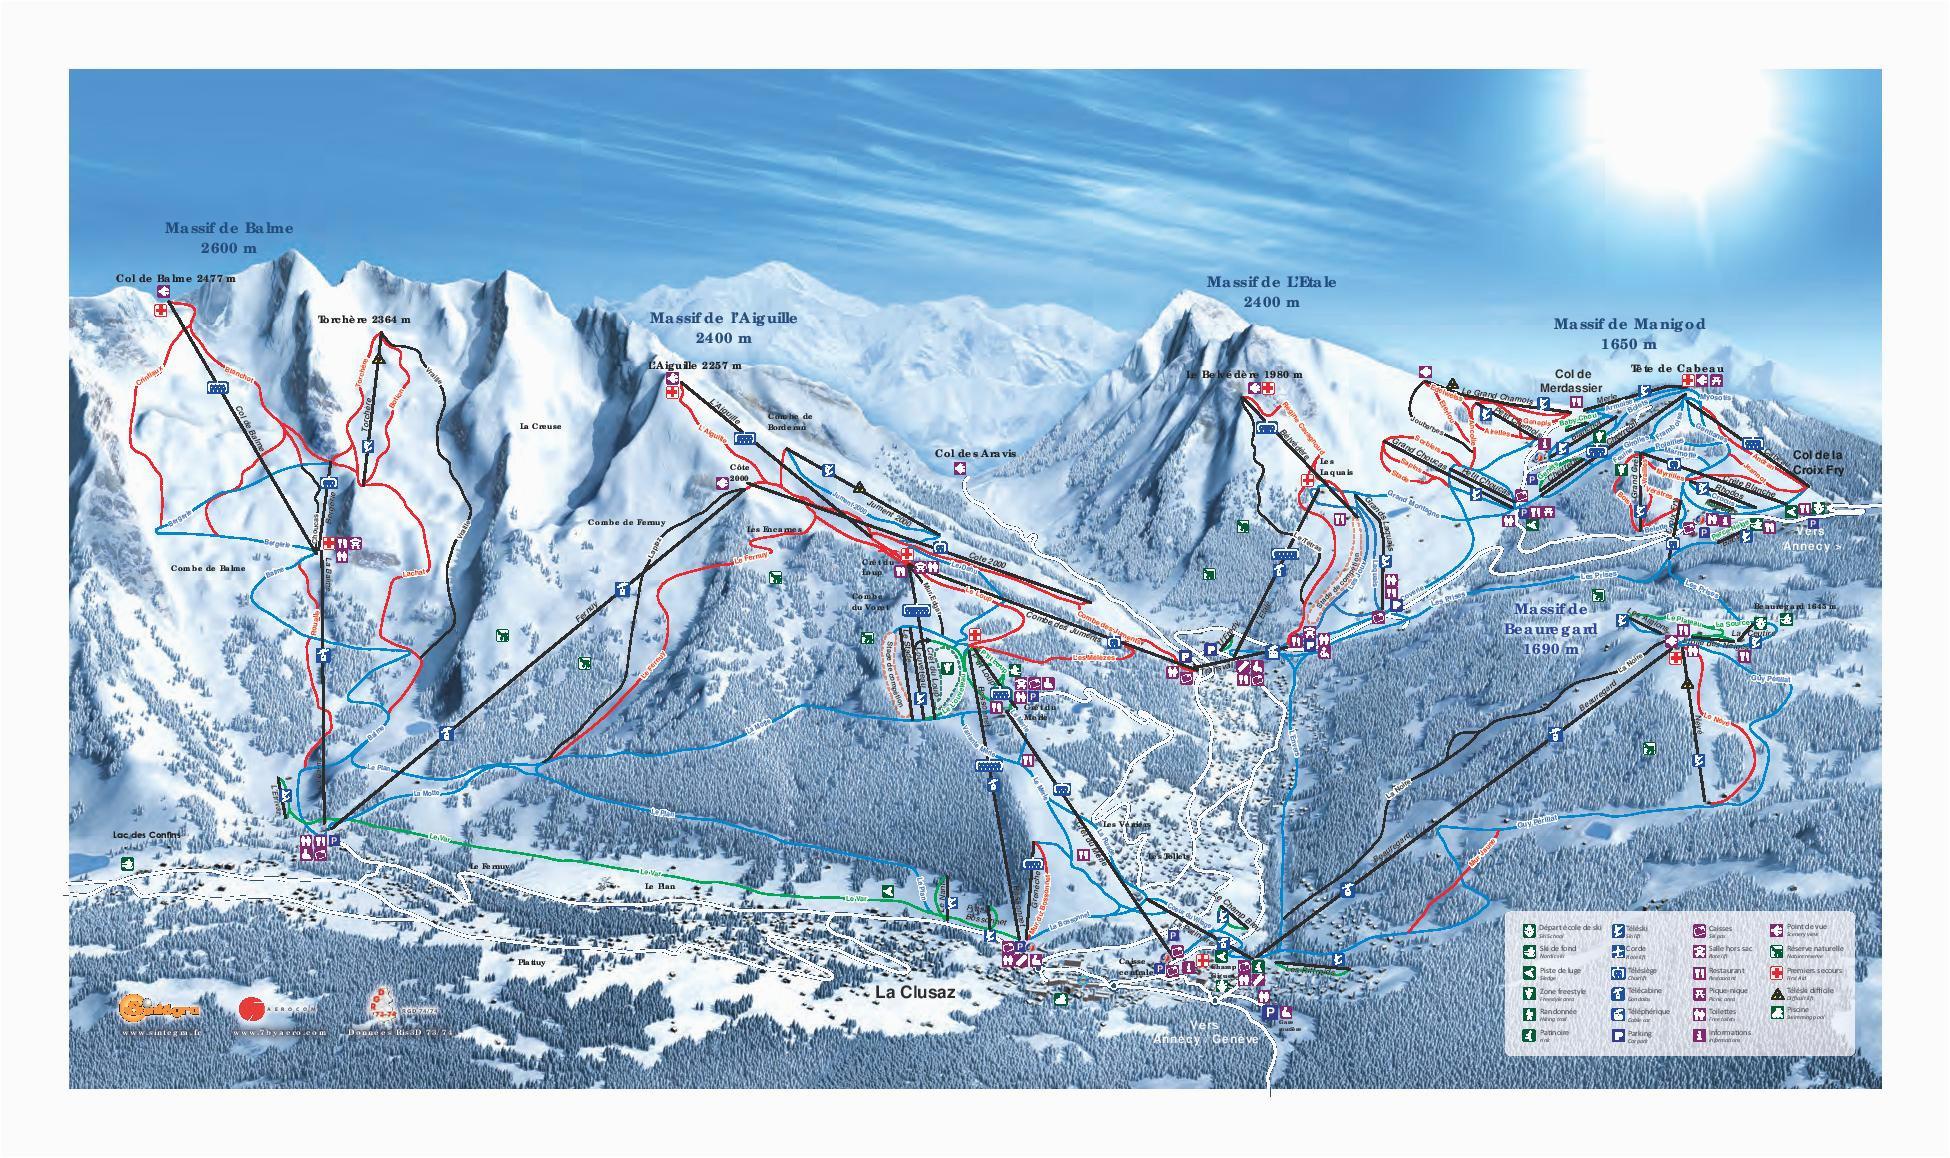 la clusaz piste map trail map